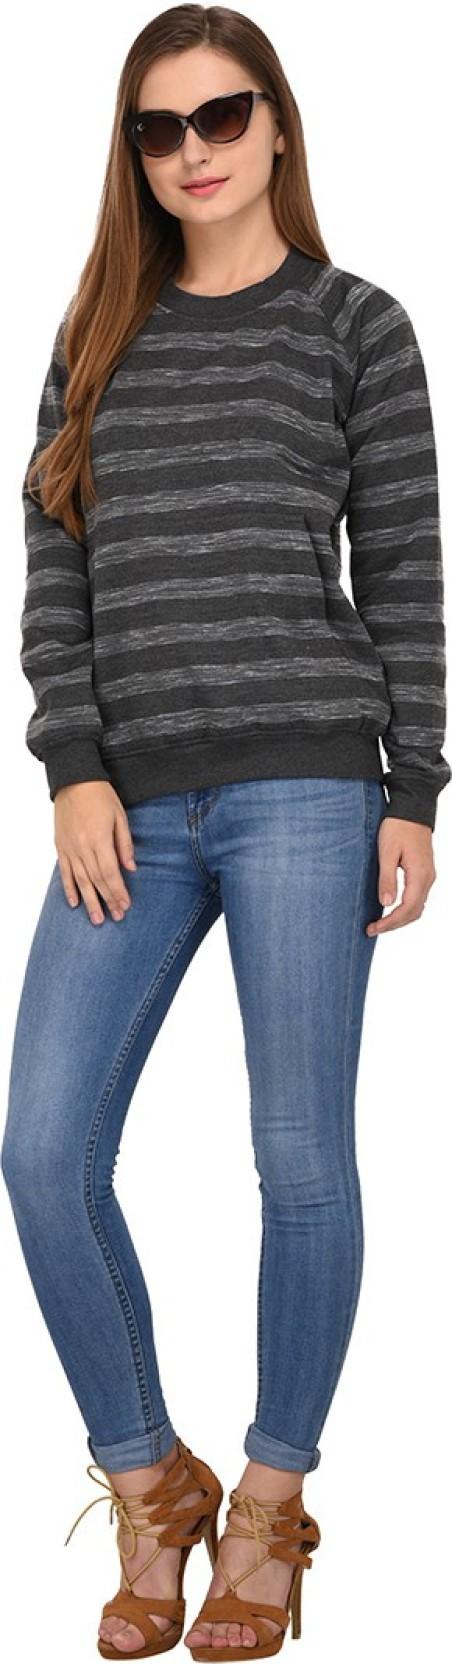 b2bd32dd Purys Full Sleeve Striped Women's Sweatshirt - Buy Purys Full Sleeve ...